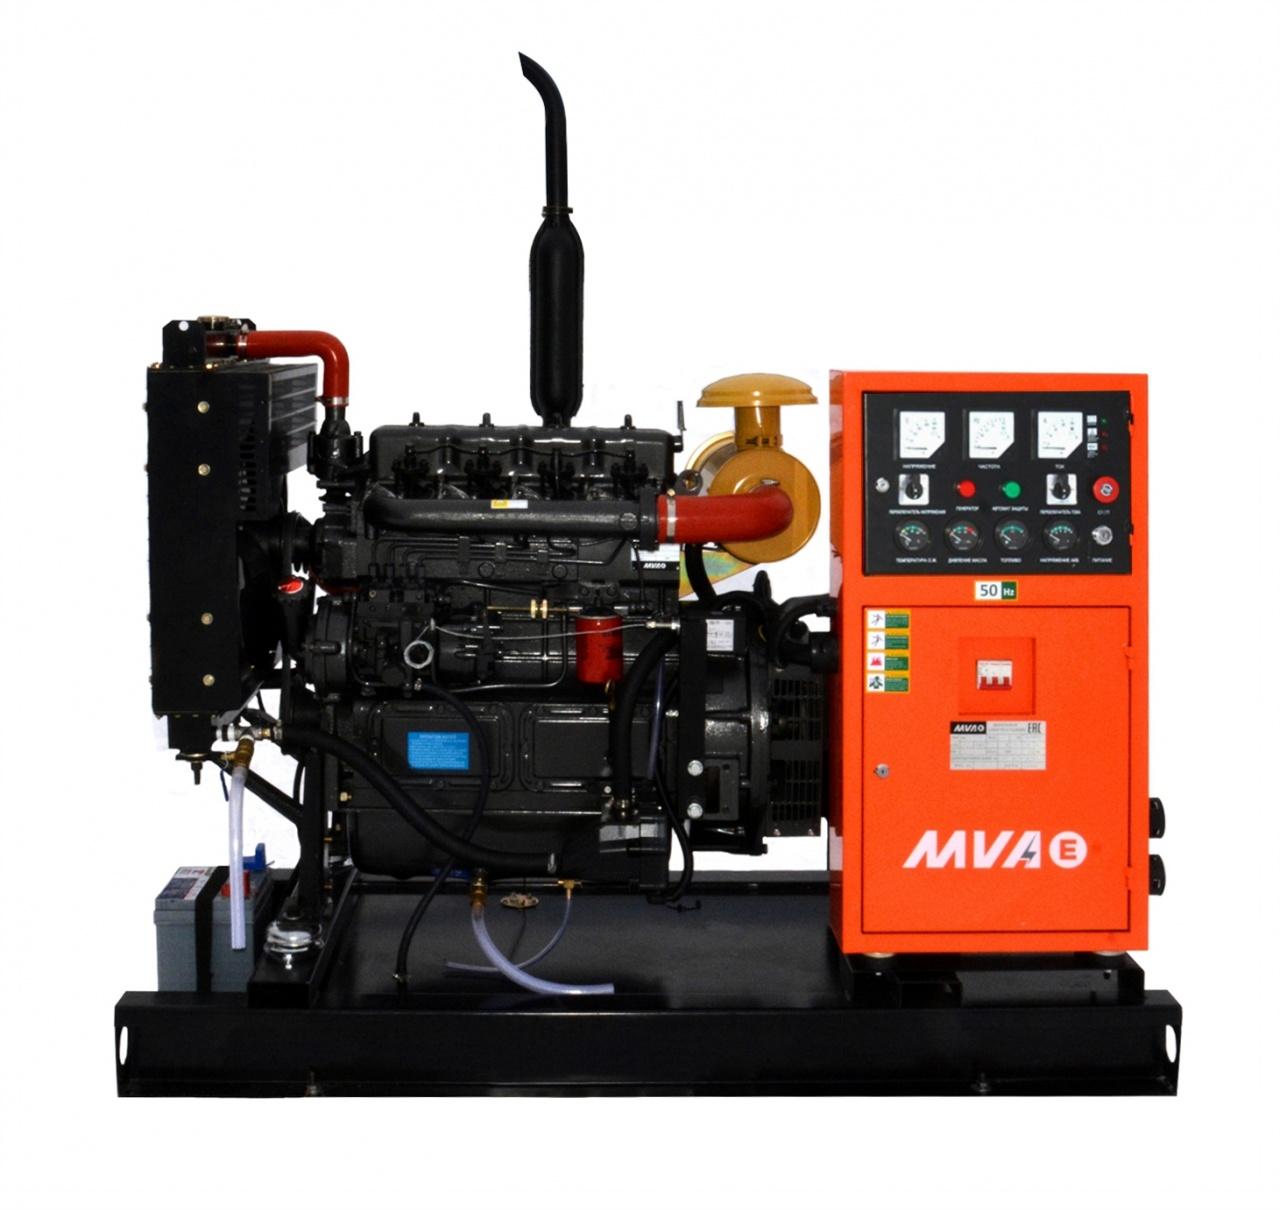 дизельная электростанция mvae ад-20-230-р